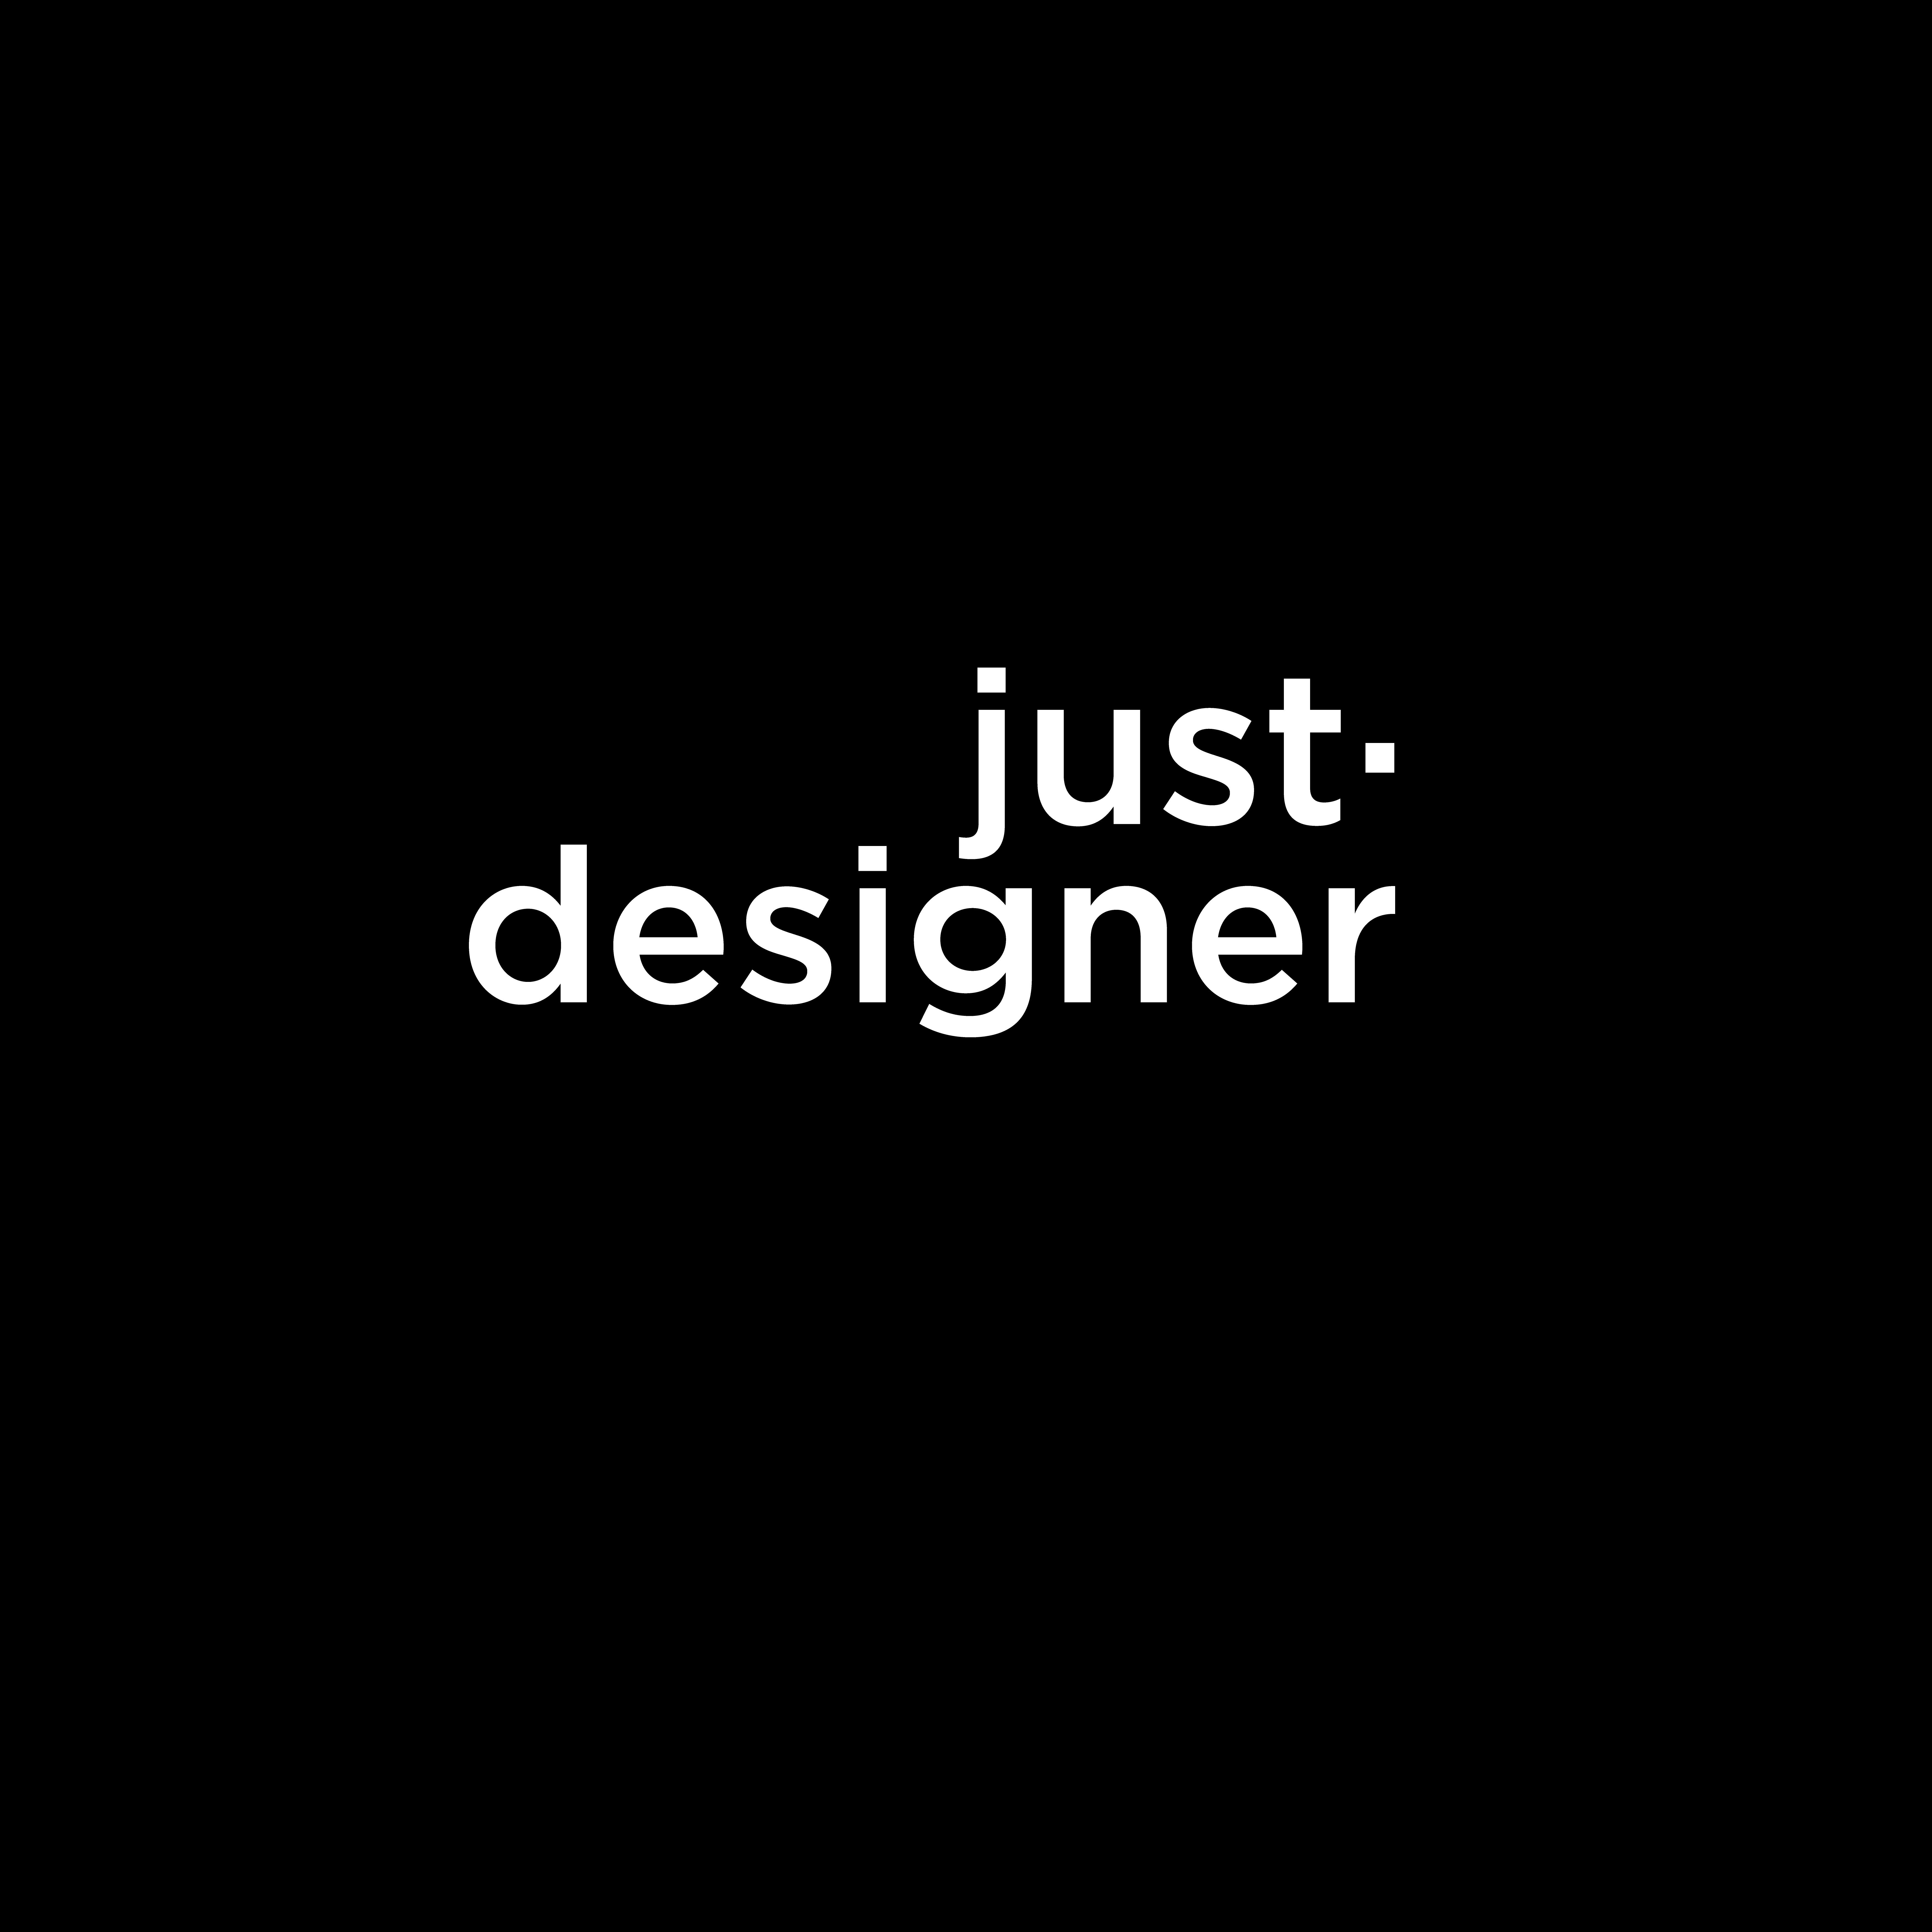 justdesigner-logo-social-black-03